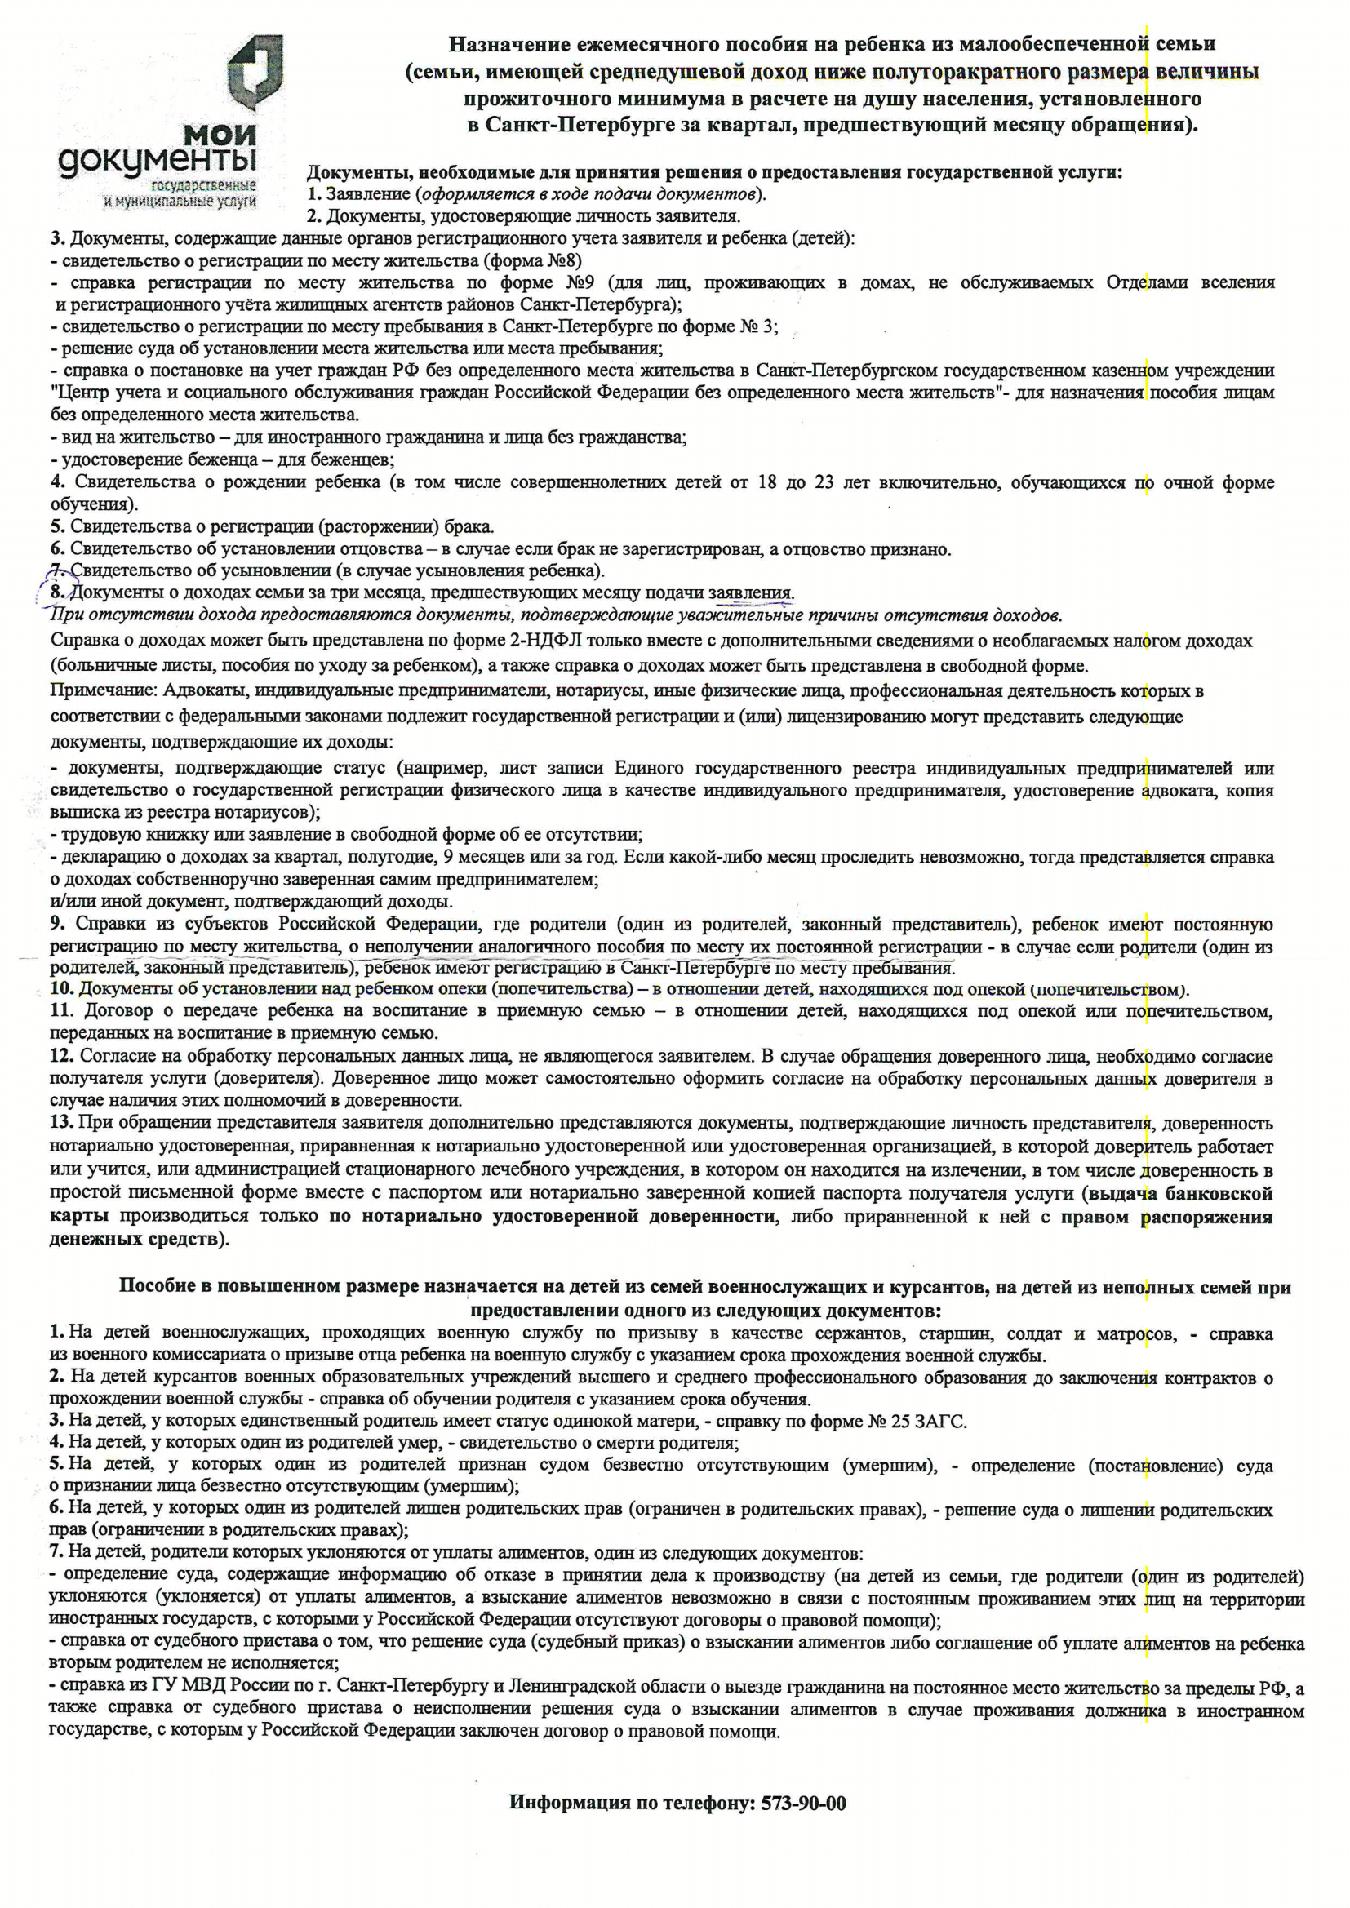 Это список с условиями назначения ежемесячного пособия по уходу за ребенком от полутора до семи лет. Я взяла его в МФЦ, чтобы собрать все нужные дляпособия документы и ничего не забыть